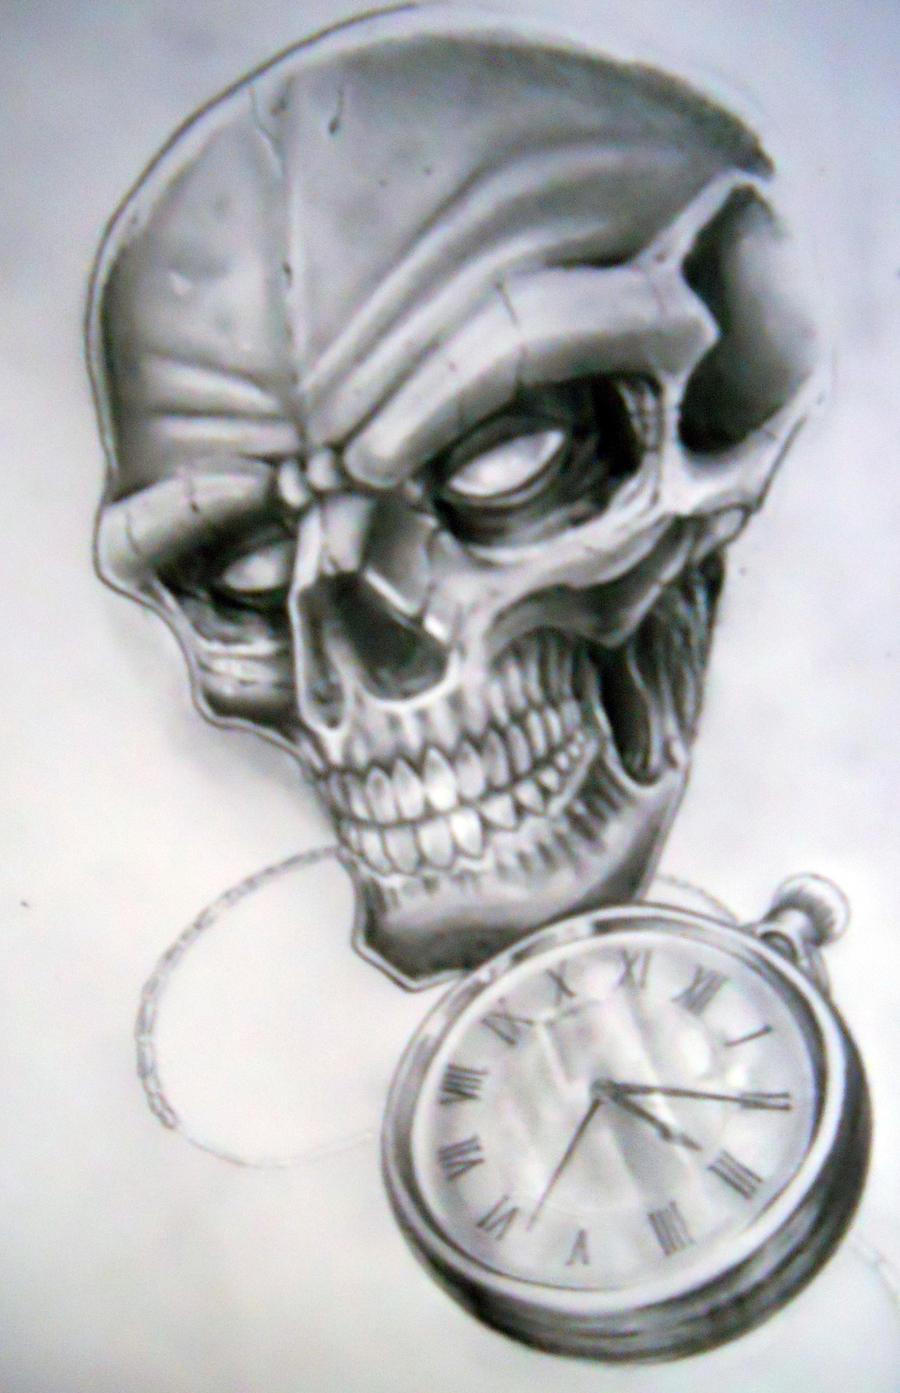 skull and pocket watch by karlinoboy on deviantart. Black Bedroom Furniture Sets. Home Design Ideas